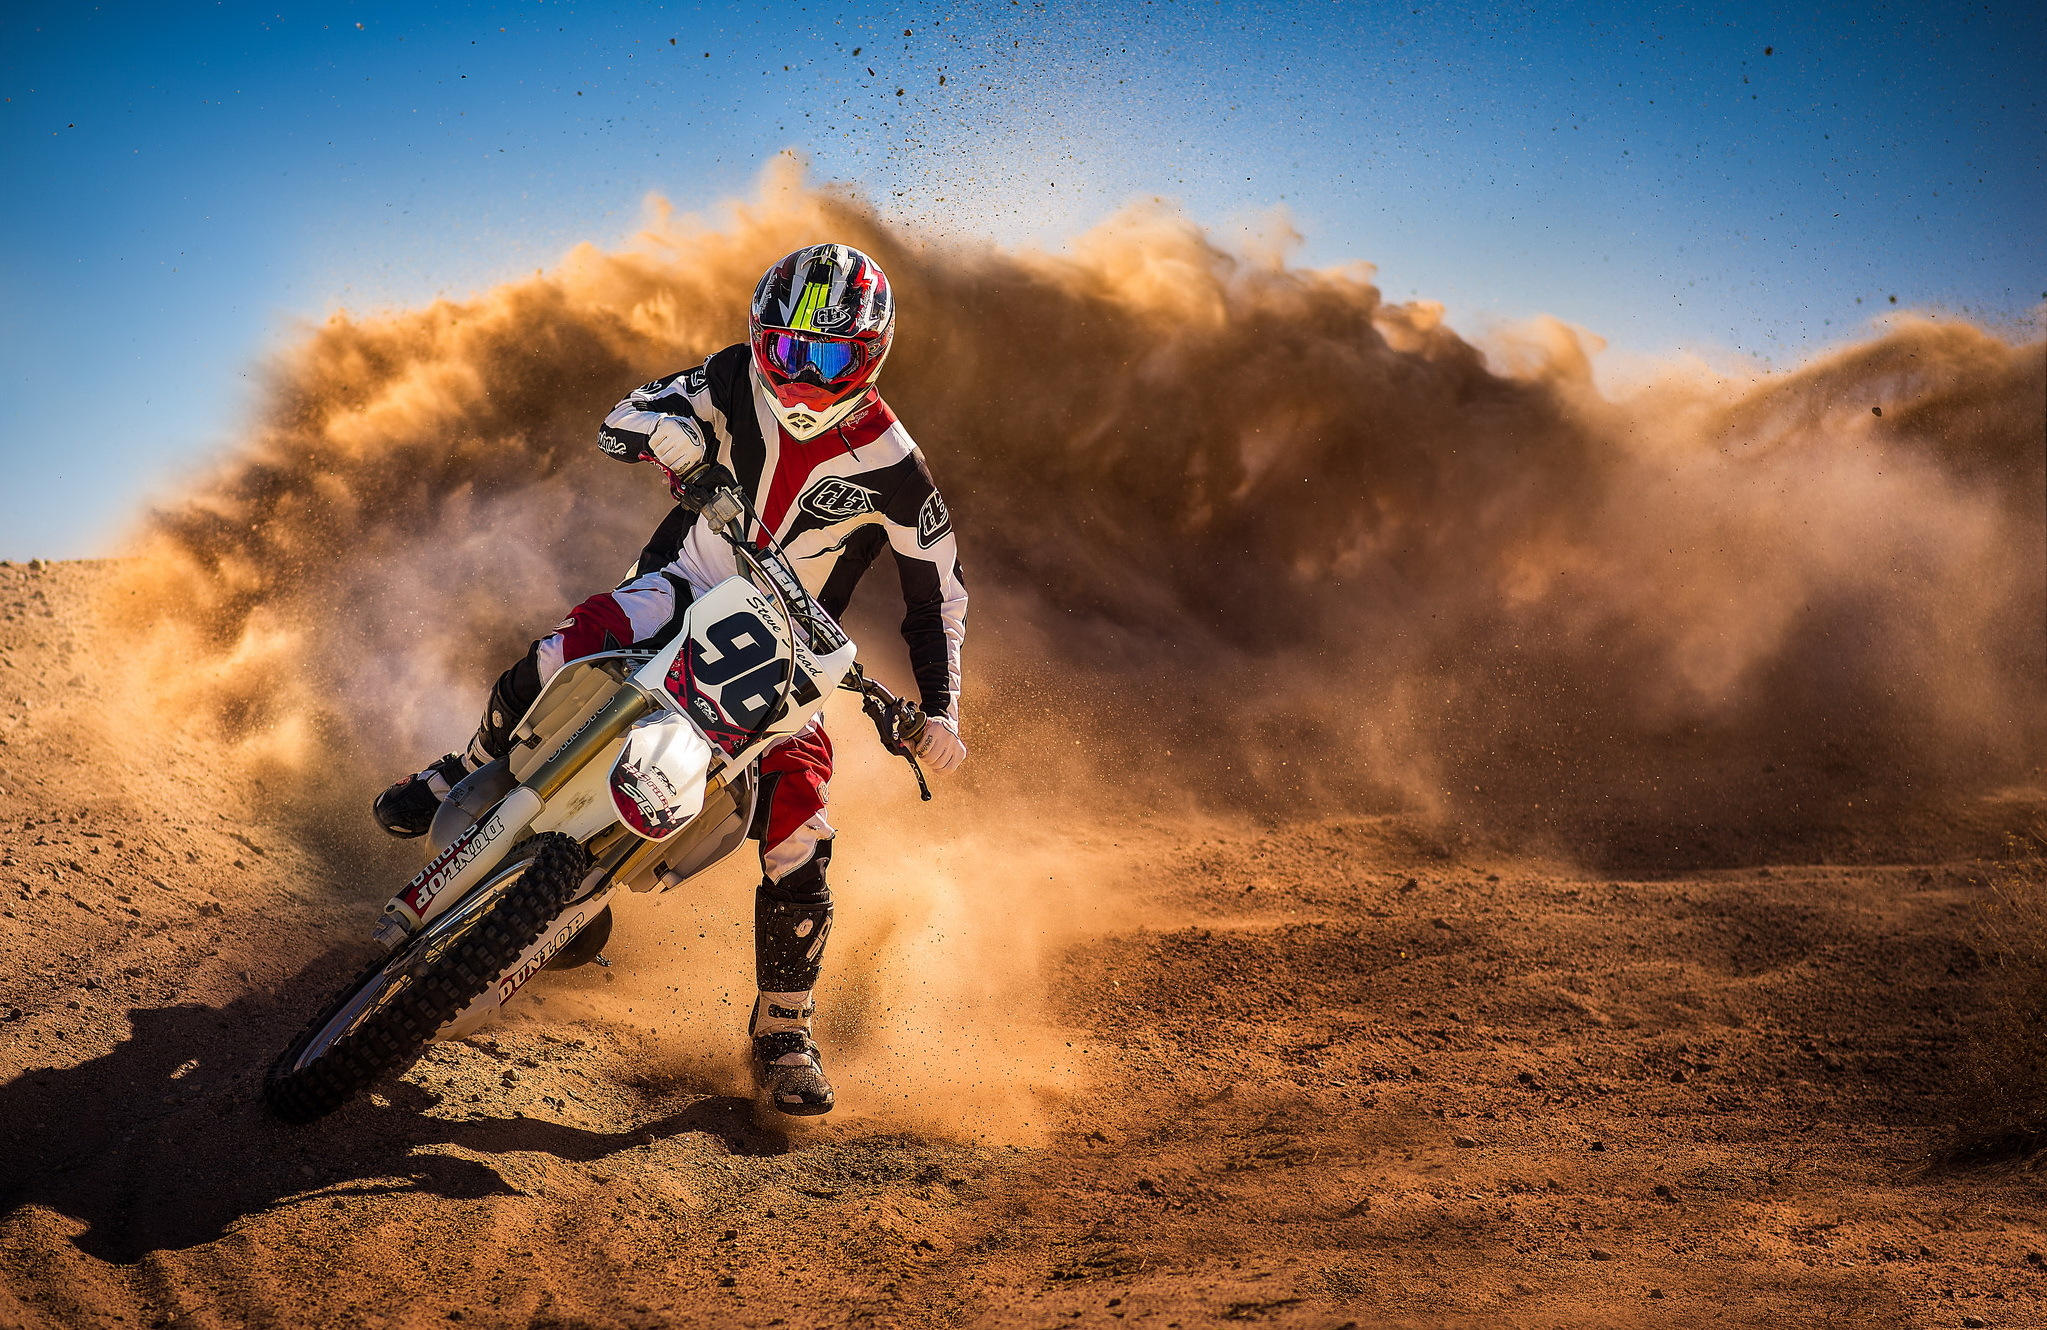 101980 скачать обои Мотоциклы, Мотоцикл, Гонка, Пыль, Мотоциклист, Спорт - заставки и картинки бесплатно